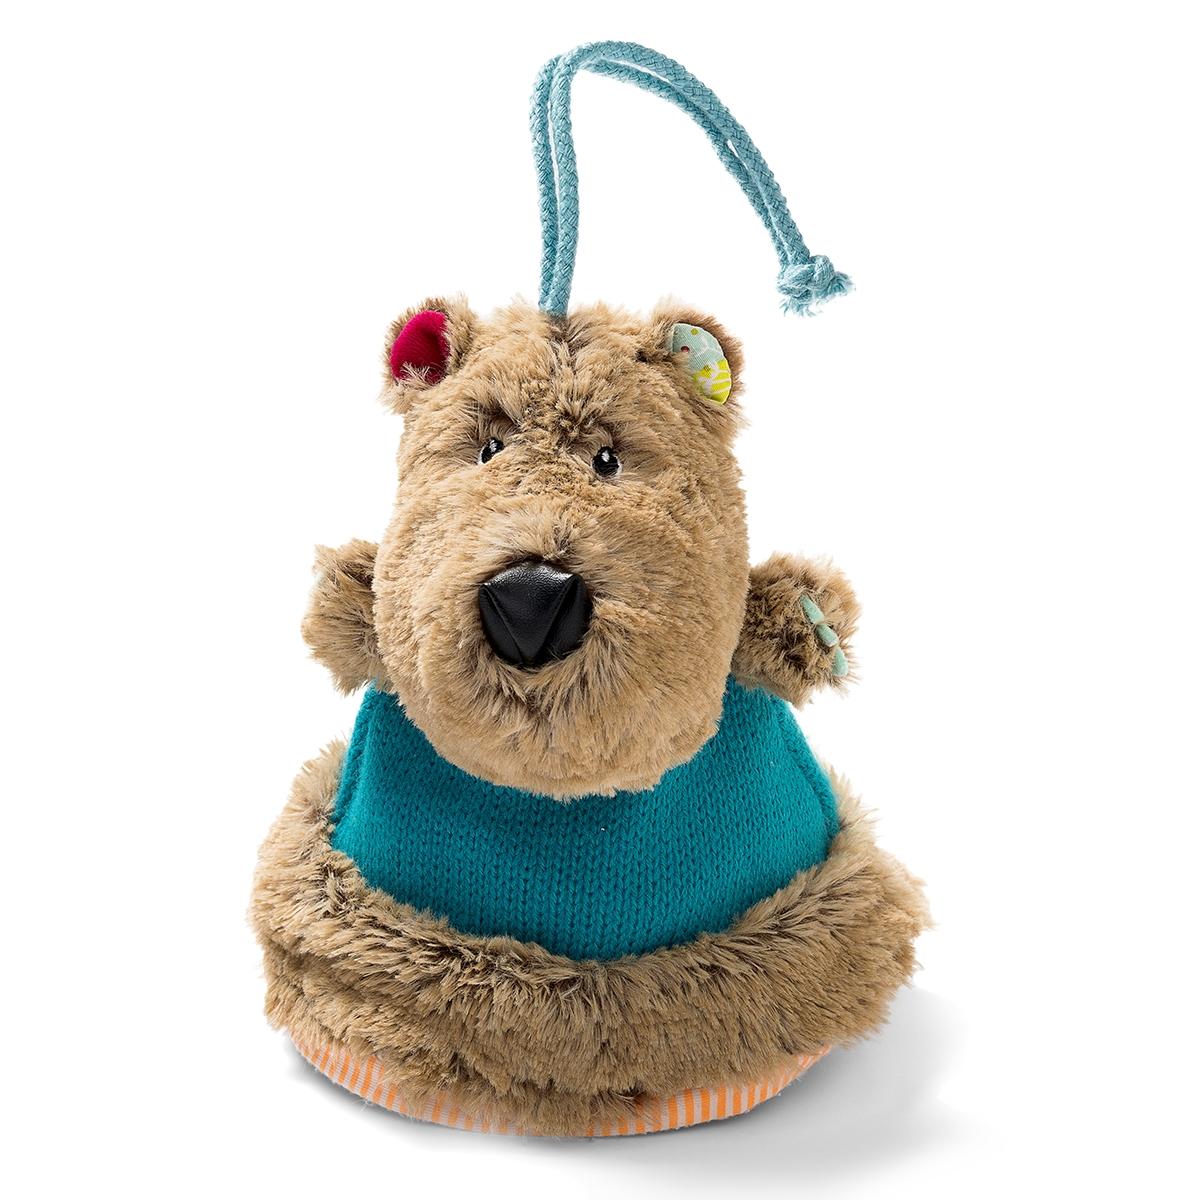 Lilliputiens Прорезыватель Медвежонок Цезарь  сумки для детей lilliputiens медвежонок цезарь мягкая сумочка через плечо